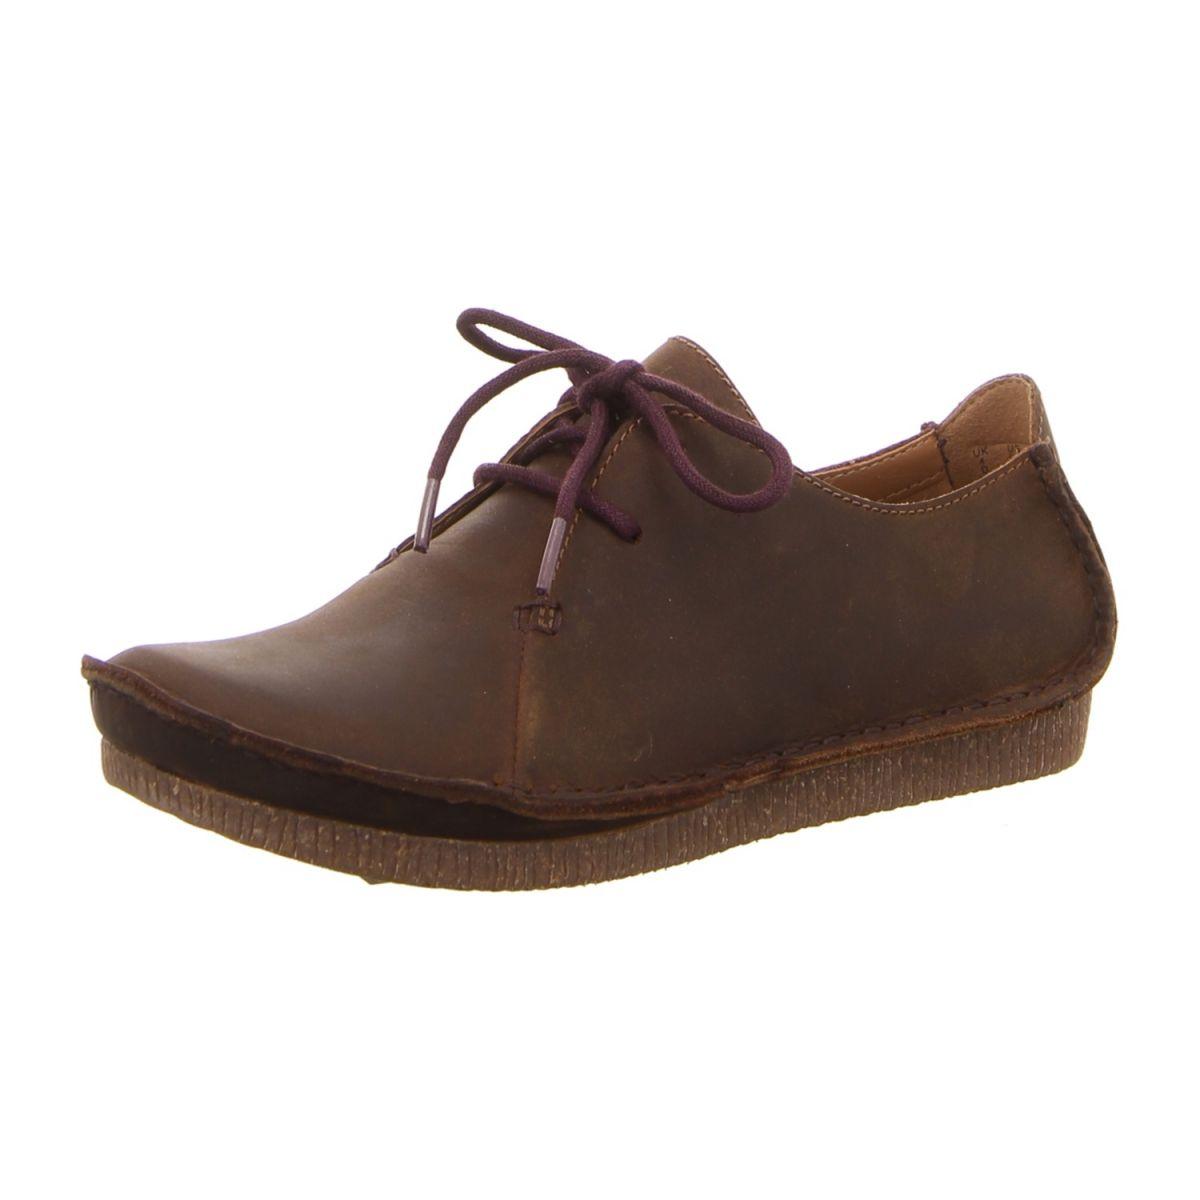 Clarks Schuhe günstig online kaufen | mirapodo